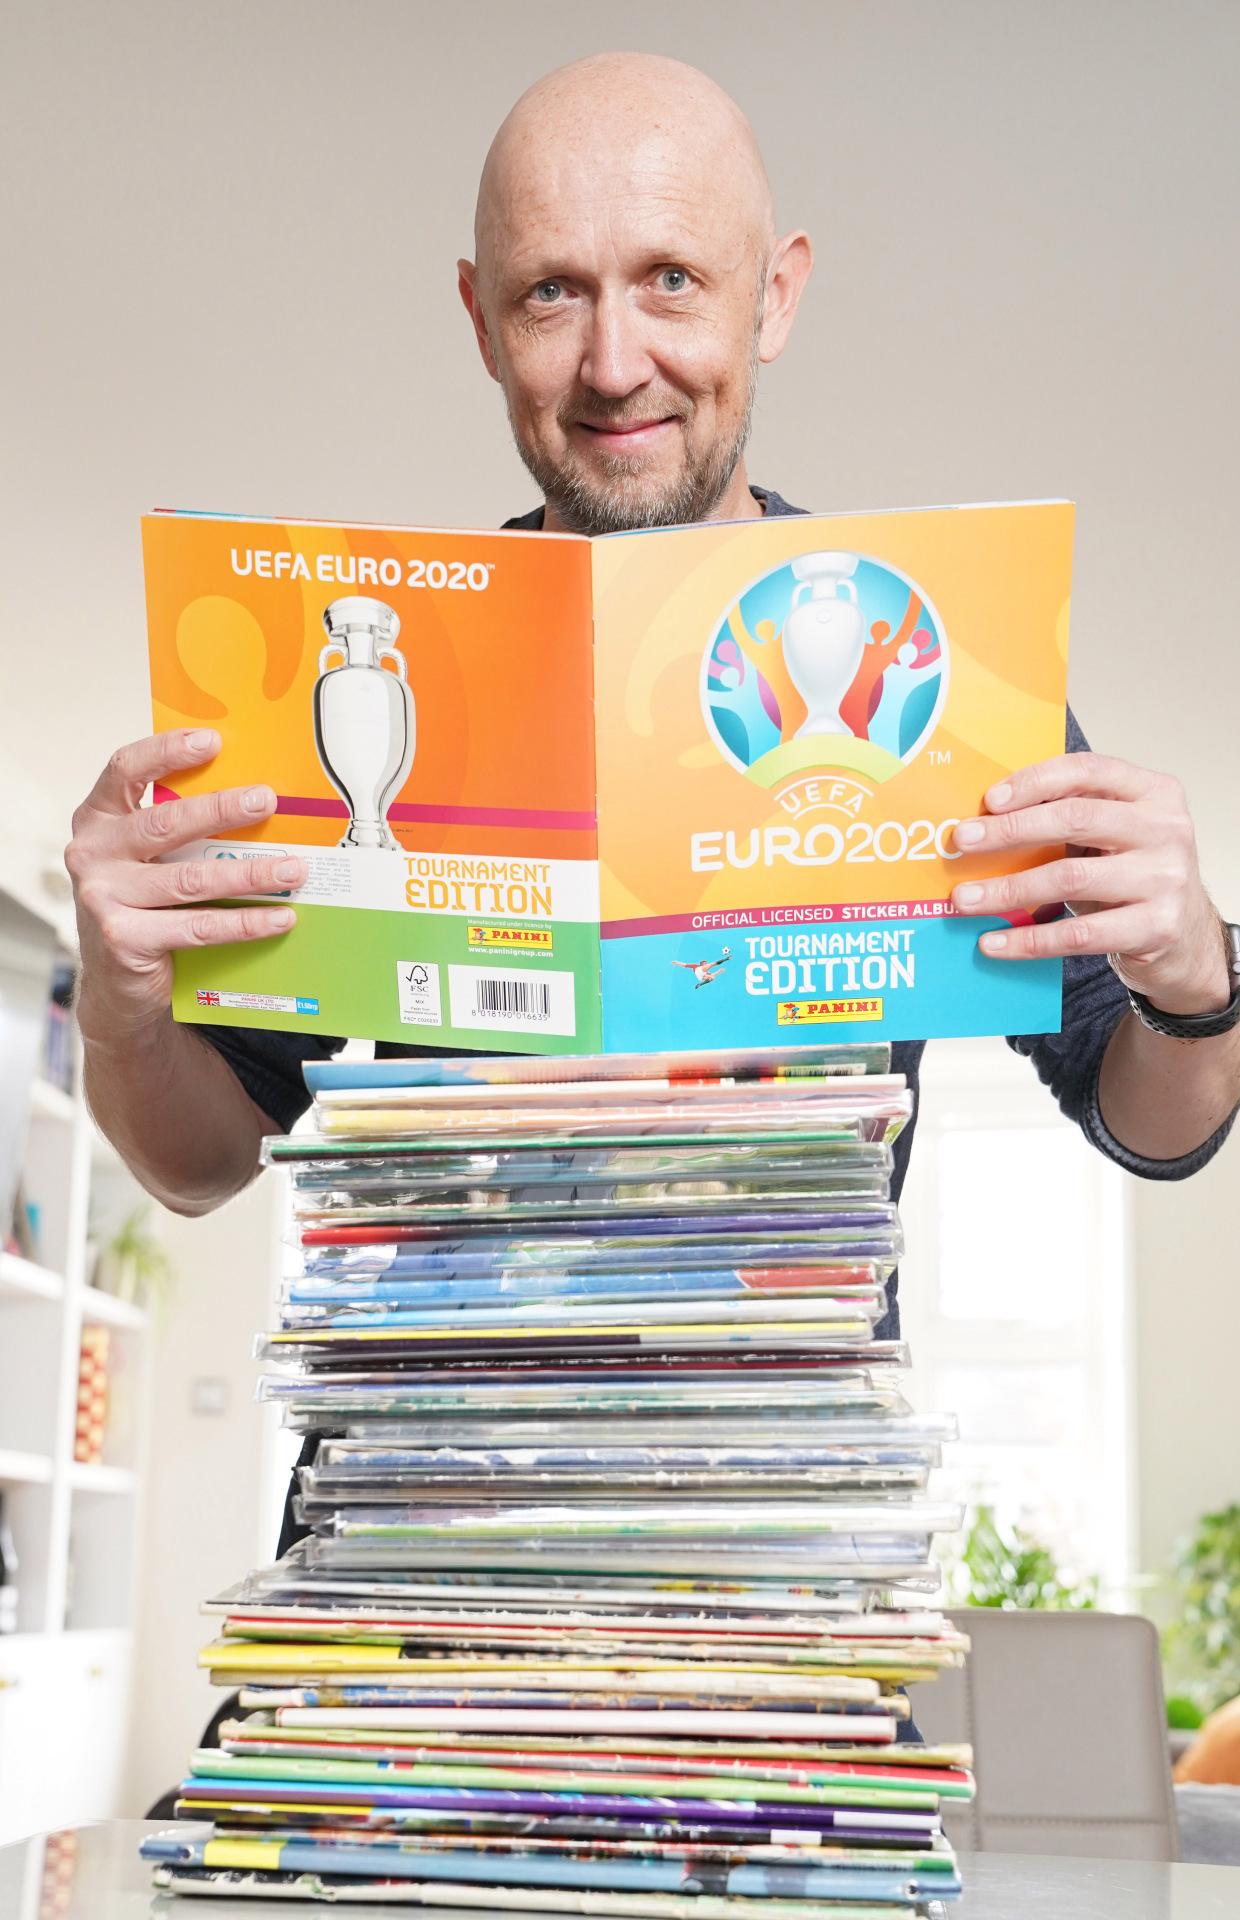 Безумный коллекционер наклеек с Евро и ЧМ, или британец, который потратил на альбомы Panini около 10 тысяч фунтов стерлингов - изображение 2